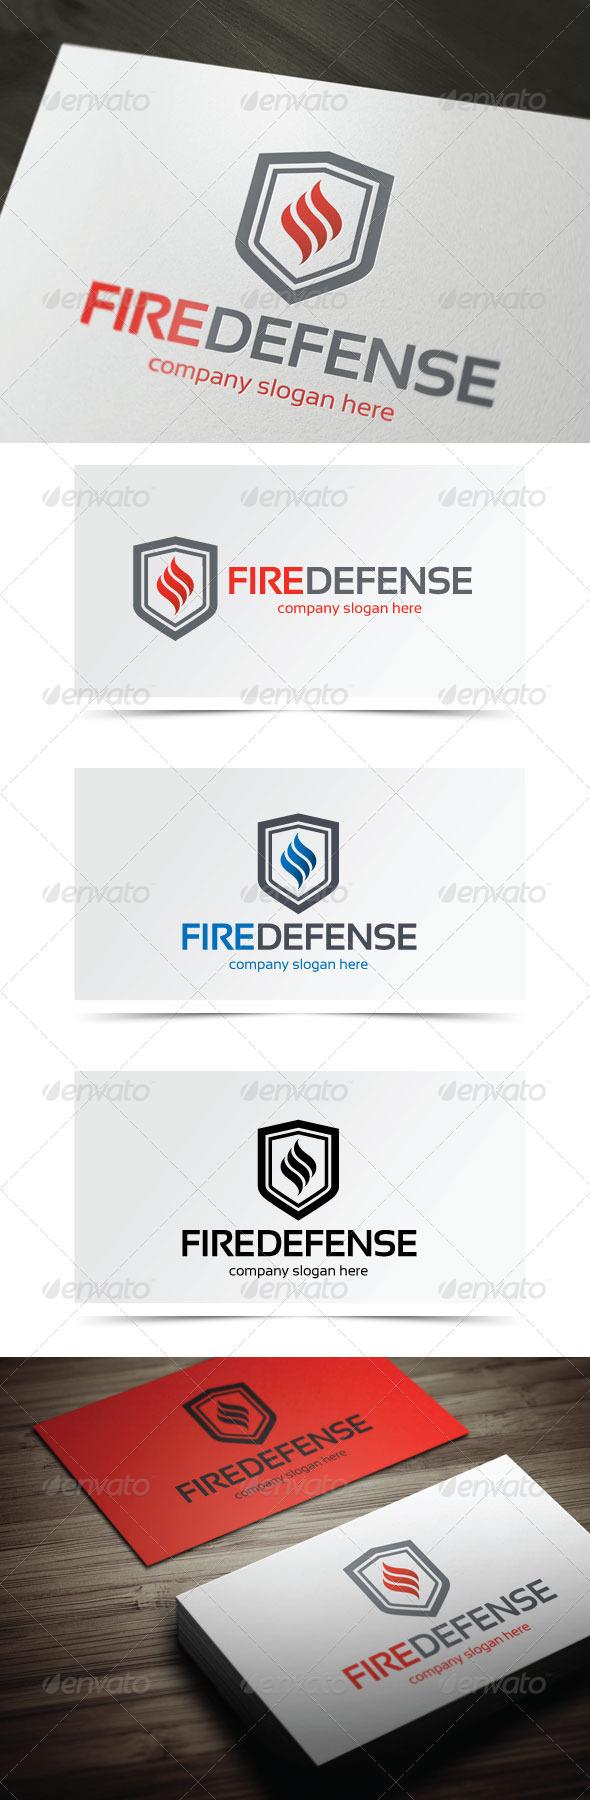 GraphicRiver Fire Defense 5449988